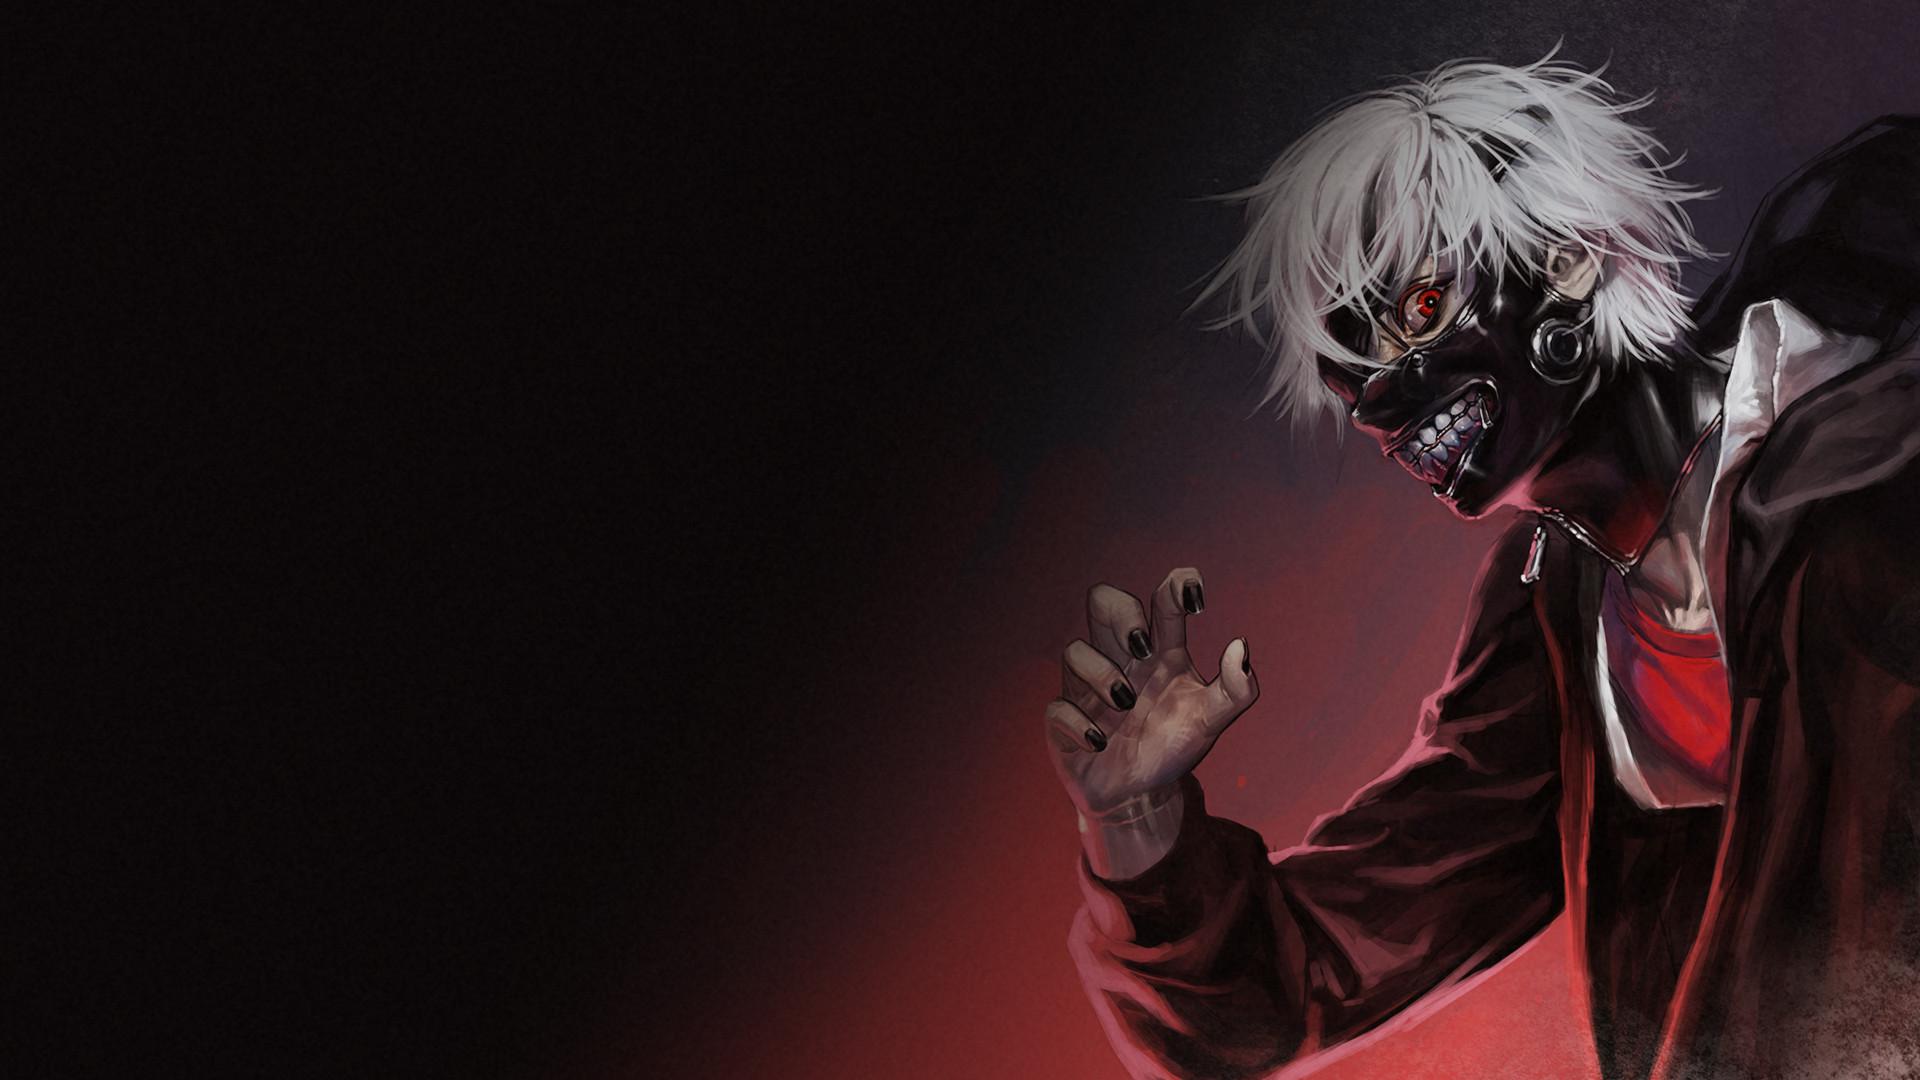 Tokyo Ghoul Wallpaper HD